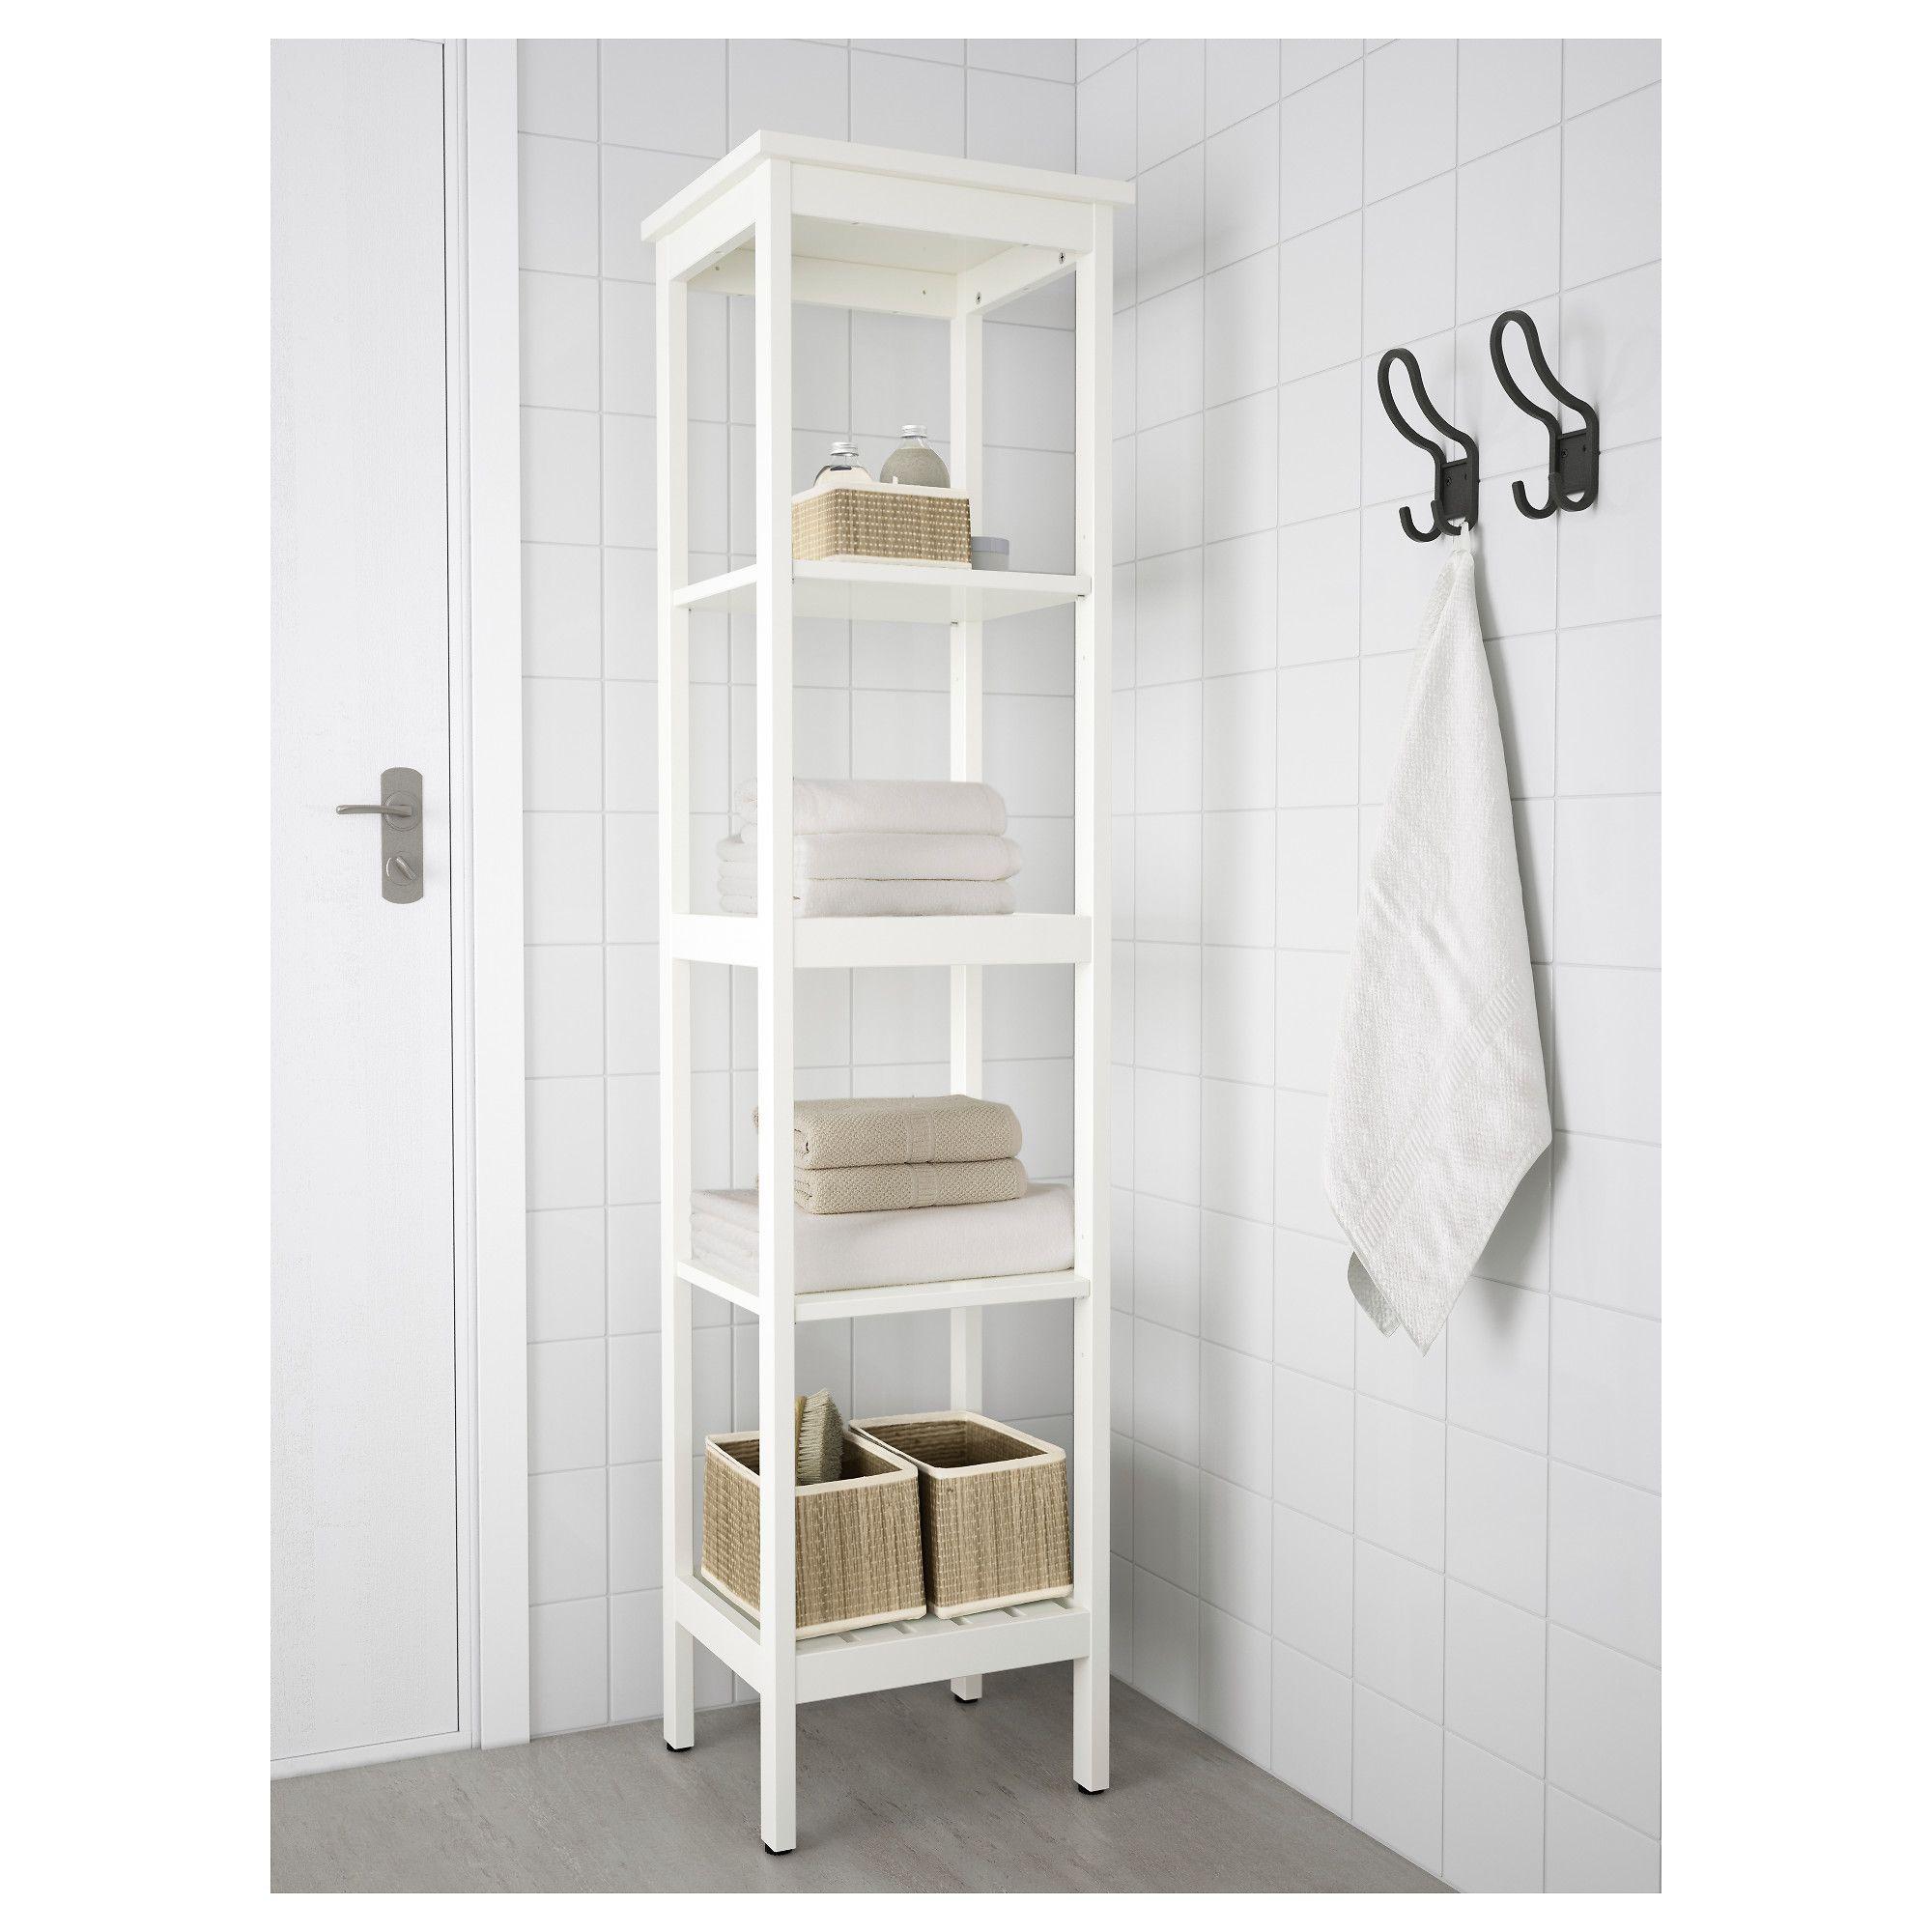 Hemnes Shelf Unit White 16 1 2x67 3 4 42x172 Cm Hemnes Shelves Ikea